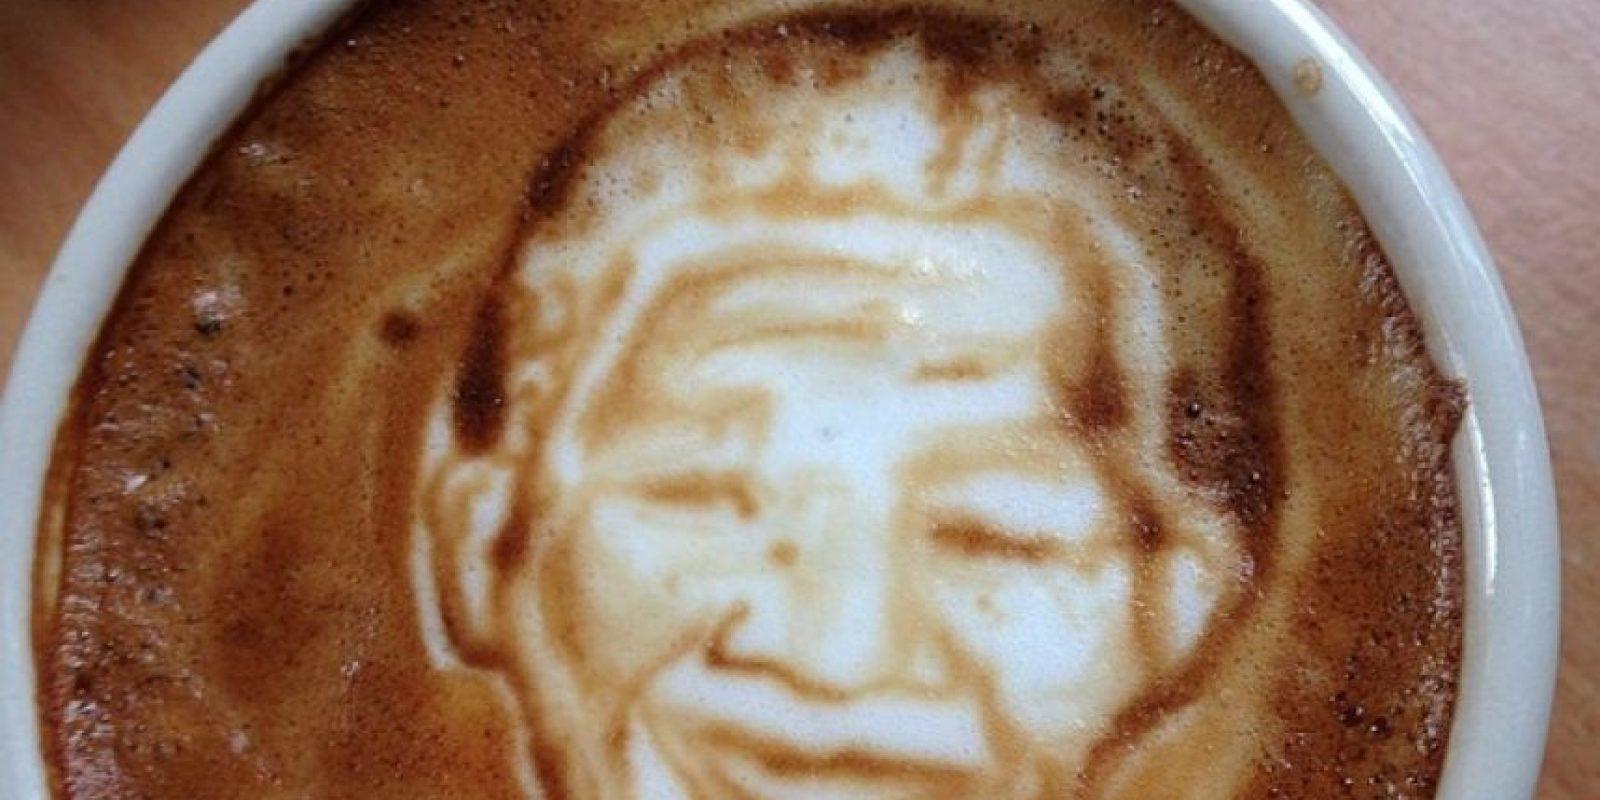 Nelson Mandela Foto:Vía Instagram @baristart